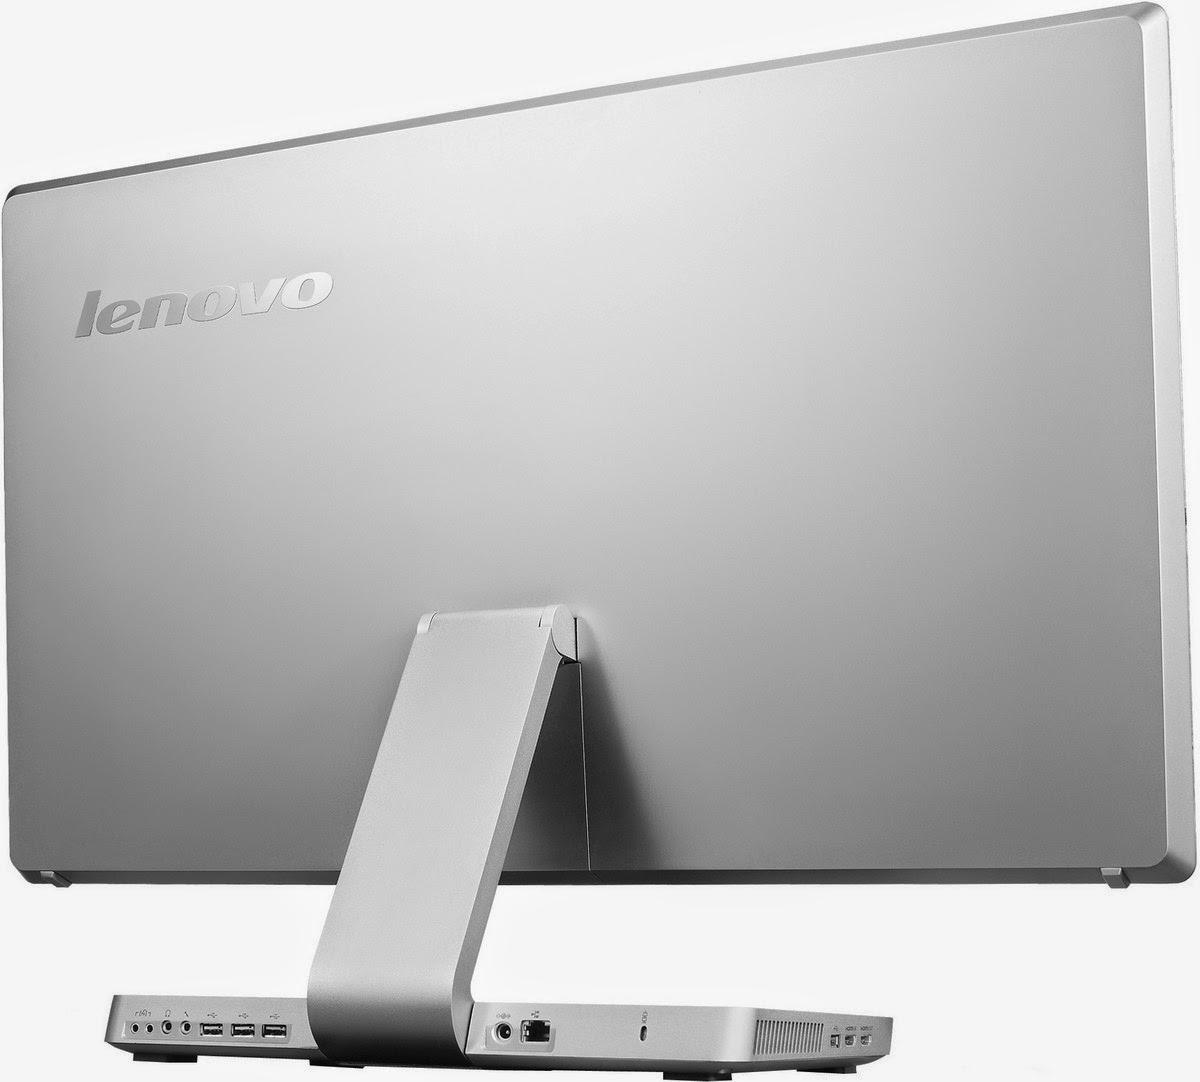 задняя сторона моноблока Lenovo IdeaCentre A720